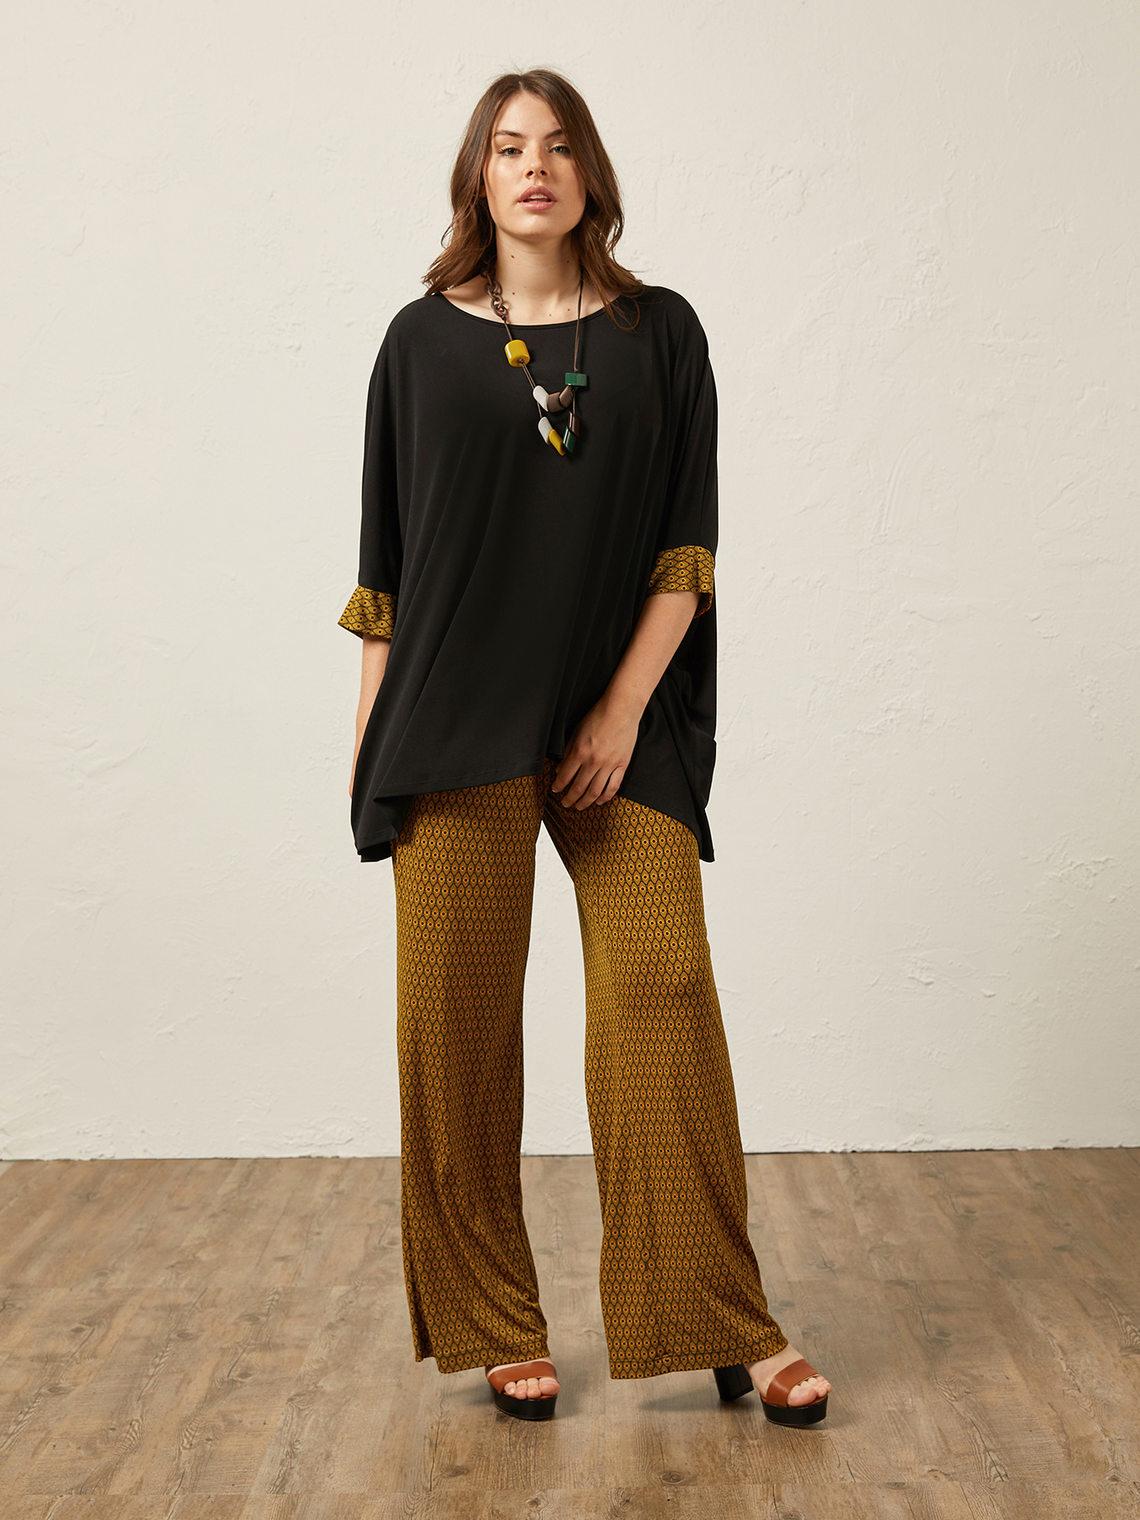 nuovo stile 9ab4a 3eb08 Pantaloni in jersey stampato - Elena Mirò - ES